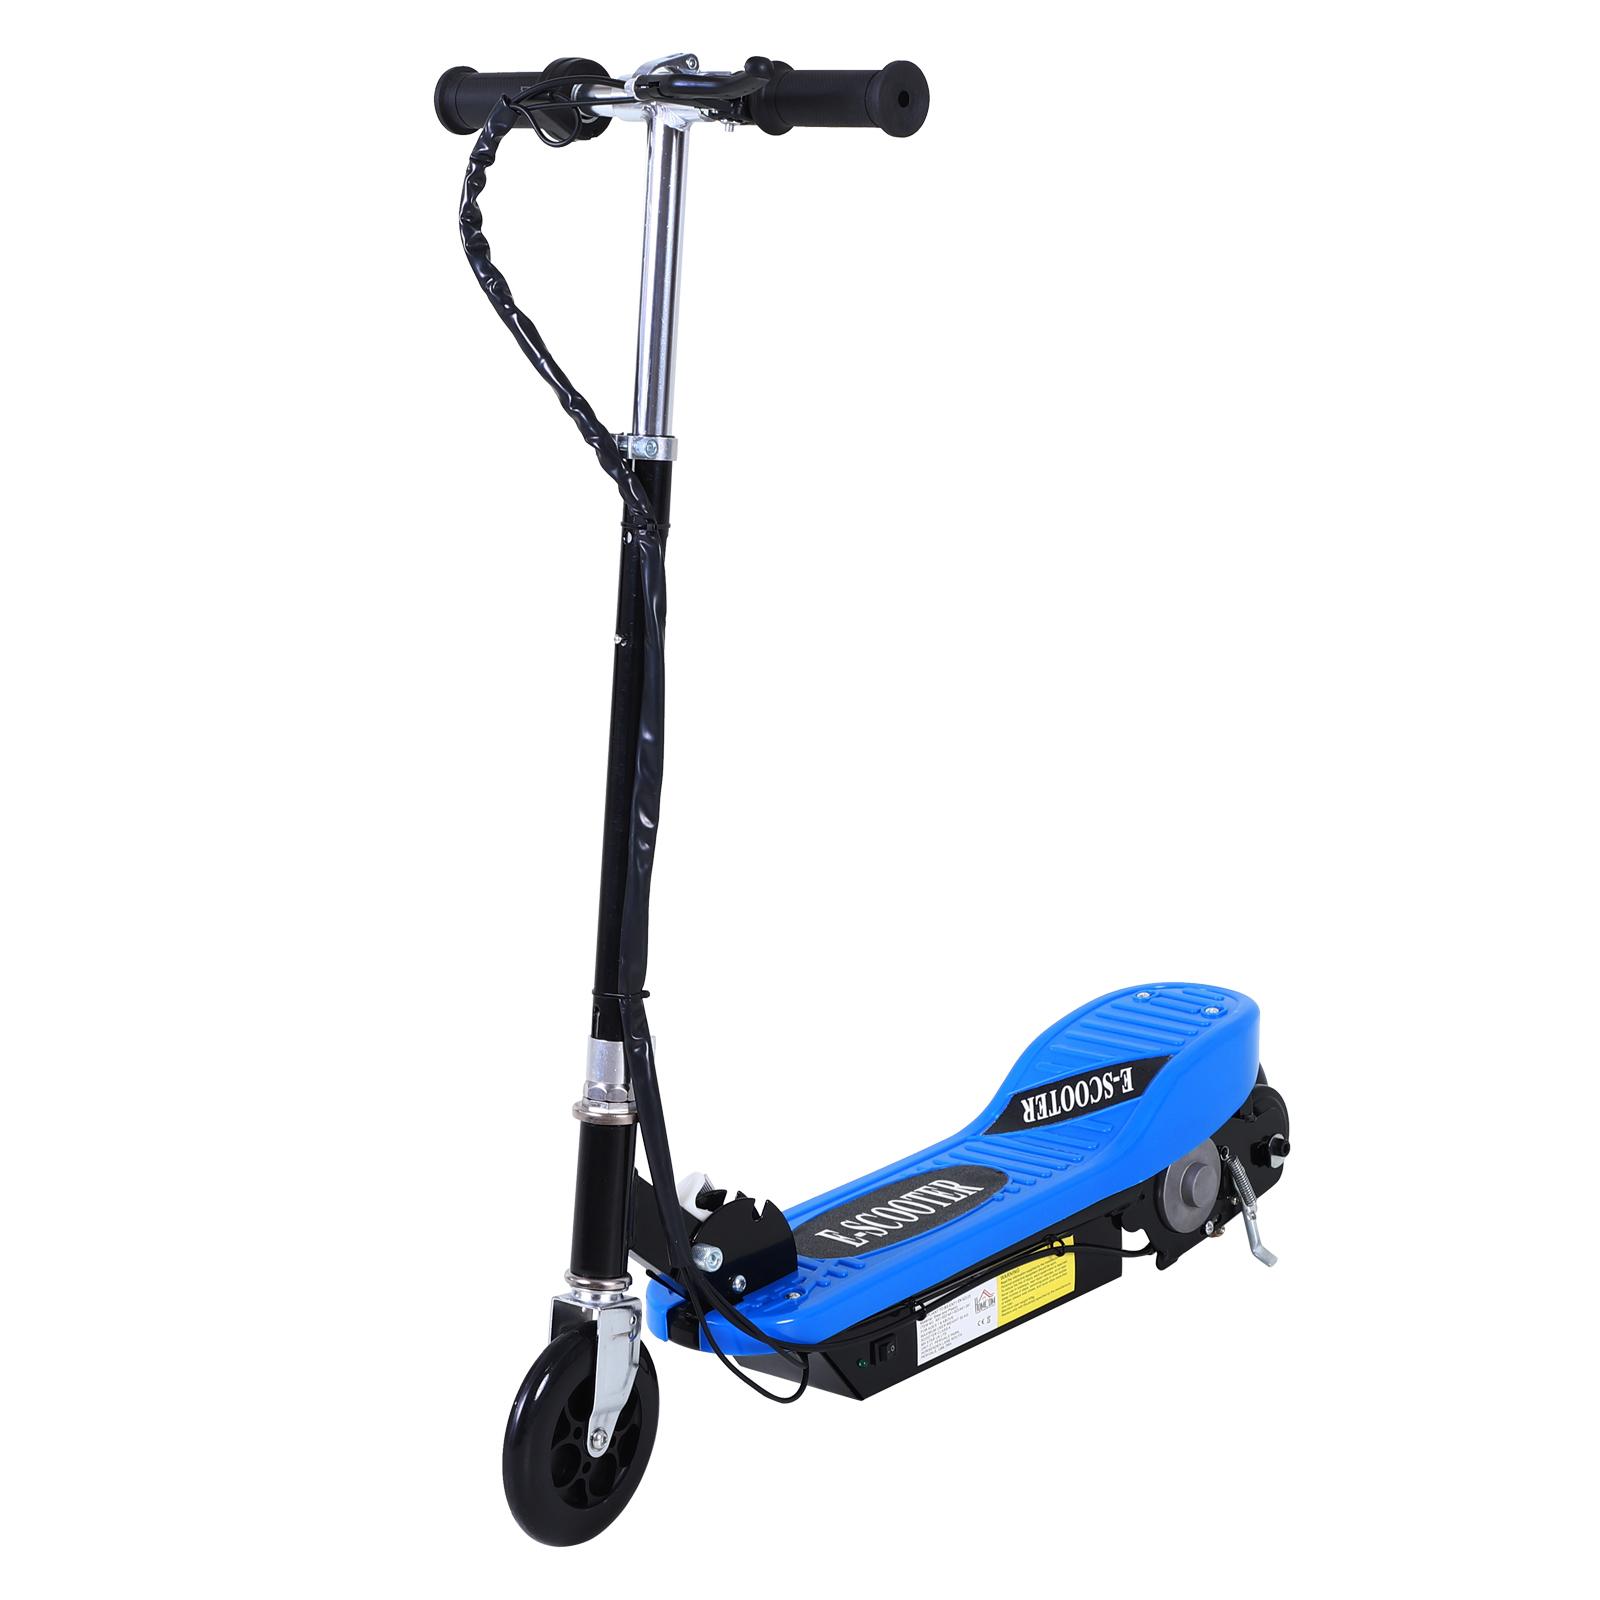 Patinete-Plegable-con-Manillar-Ajustable-tipo-Scooter-Electrico-de-Acero-Nuevo miniatura 3